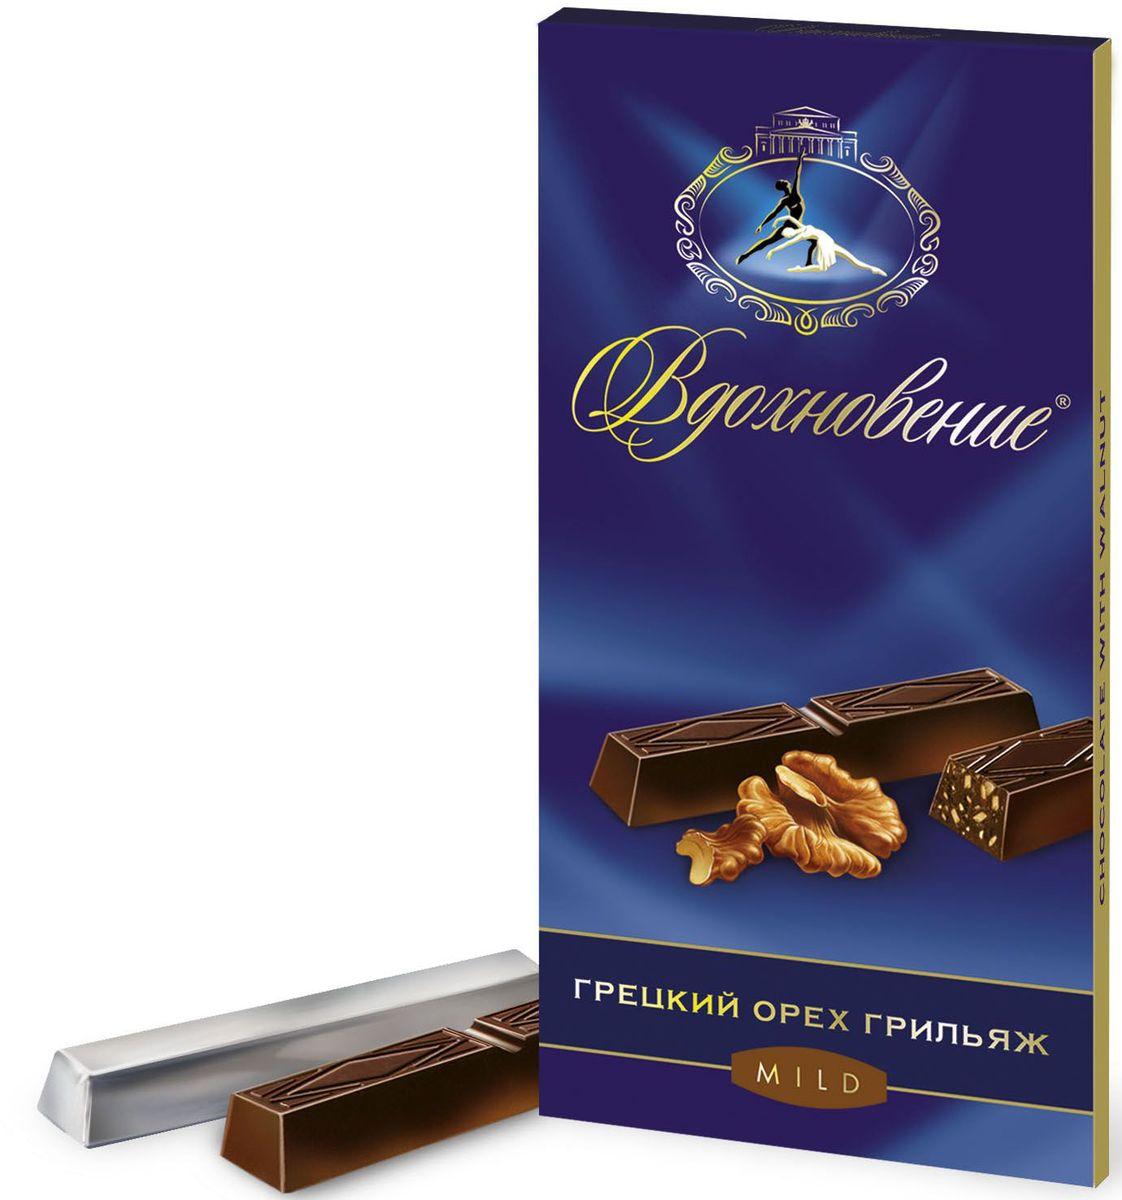 Бабаевский Вдохновение грецкий орех грильяж темный шоколад, 100 гББ10910Гордость бренда Бабаевский - высококачественный темный шоколад, созданный с использованием отборных какао бобов и какао масла.